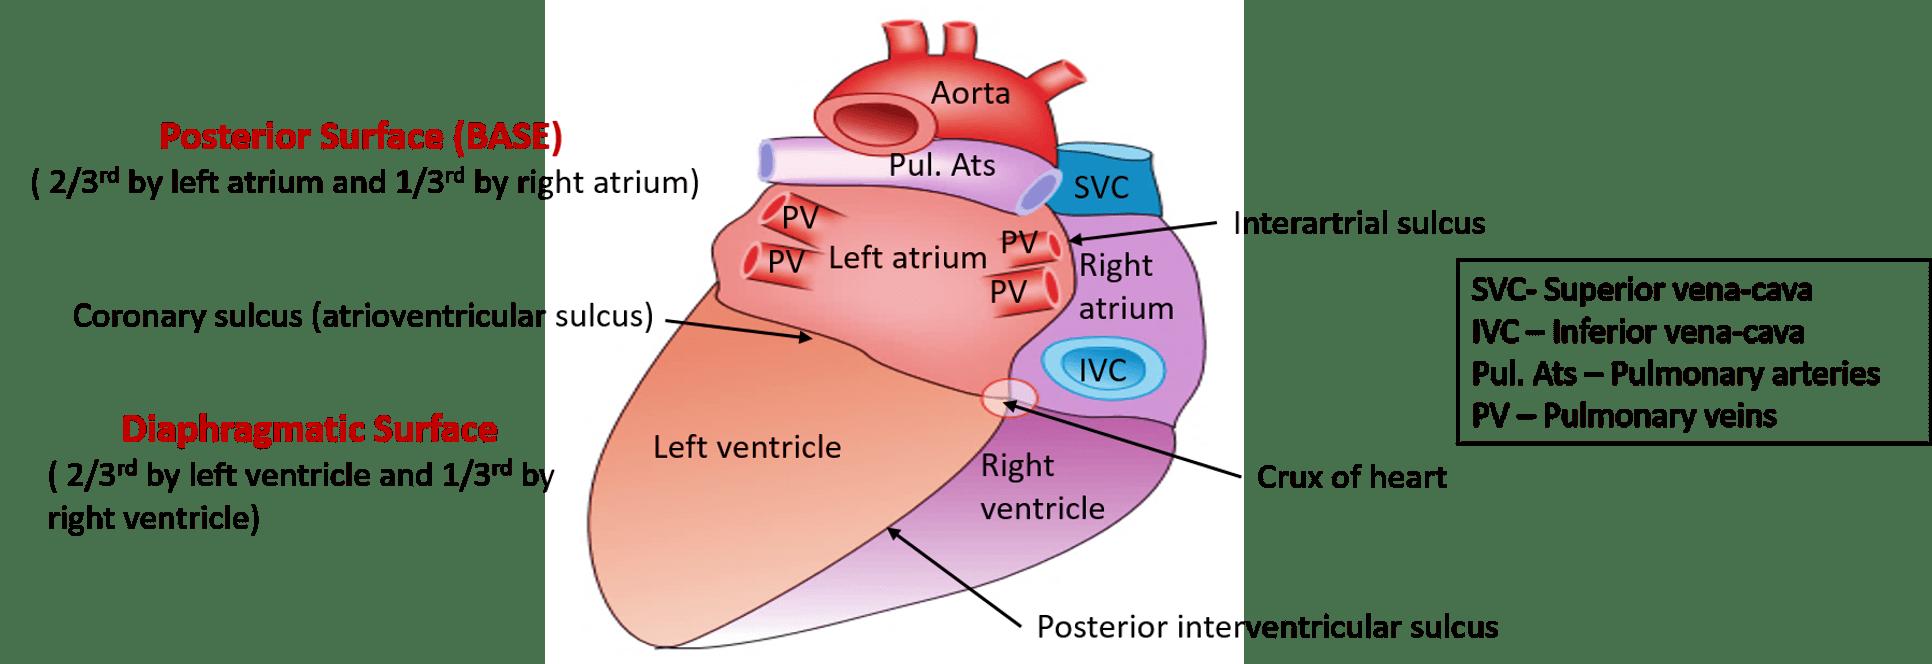 Heart - External Features - apex, base, surface and ...  Heart - Externa...